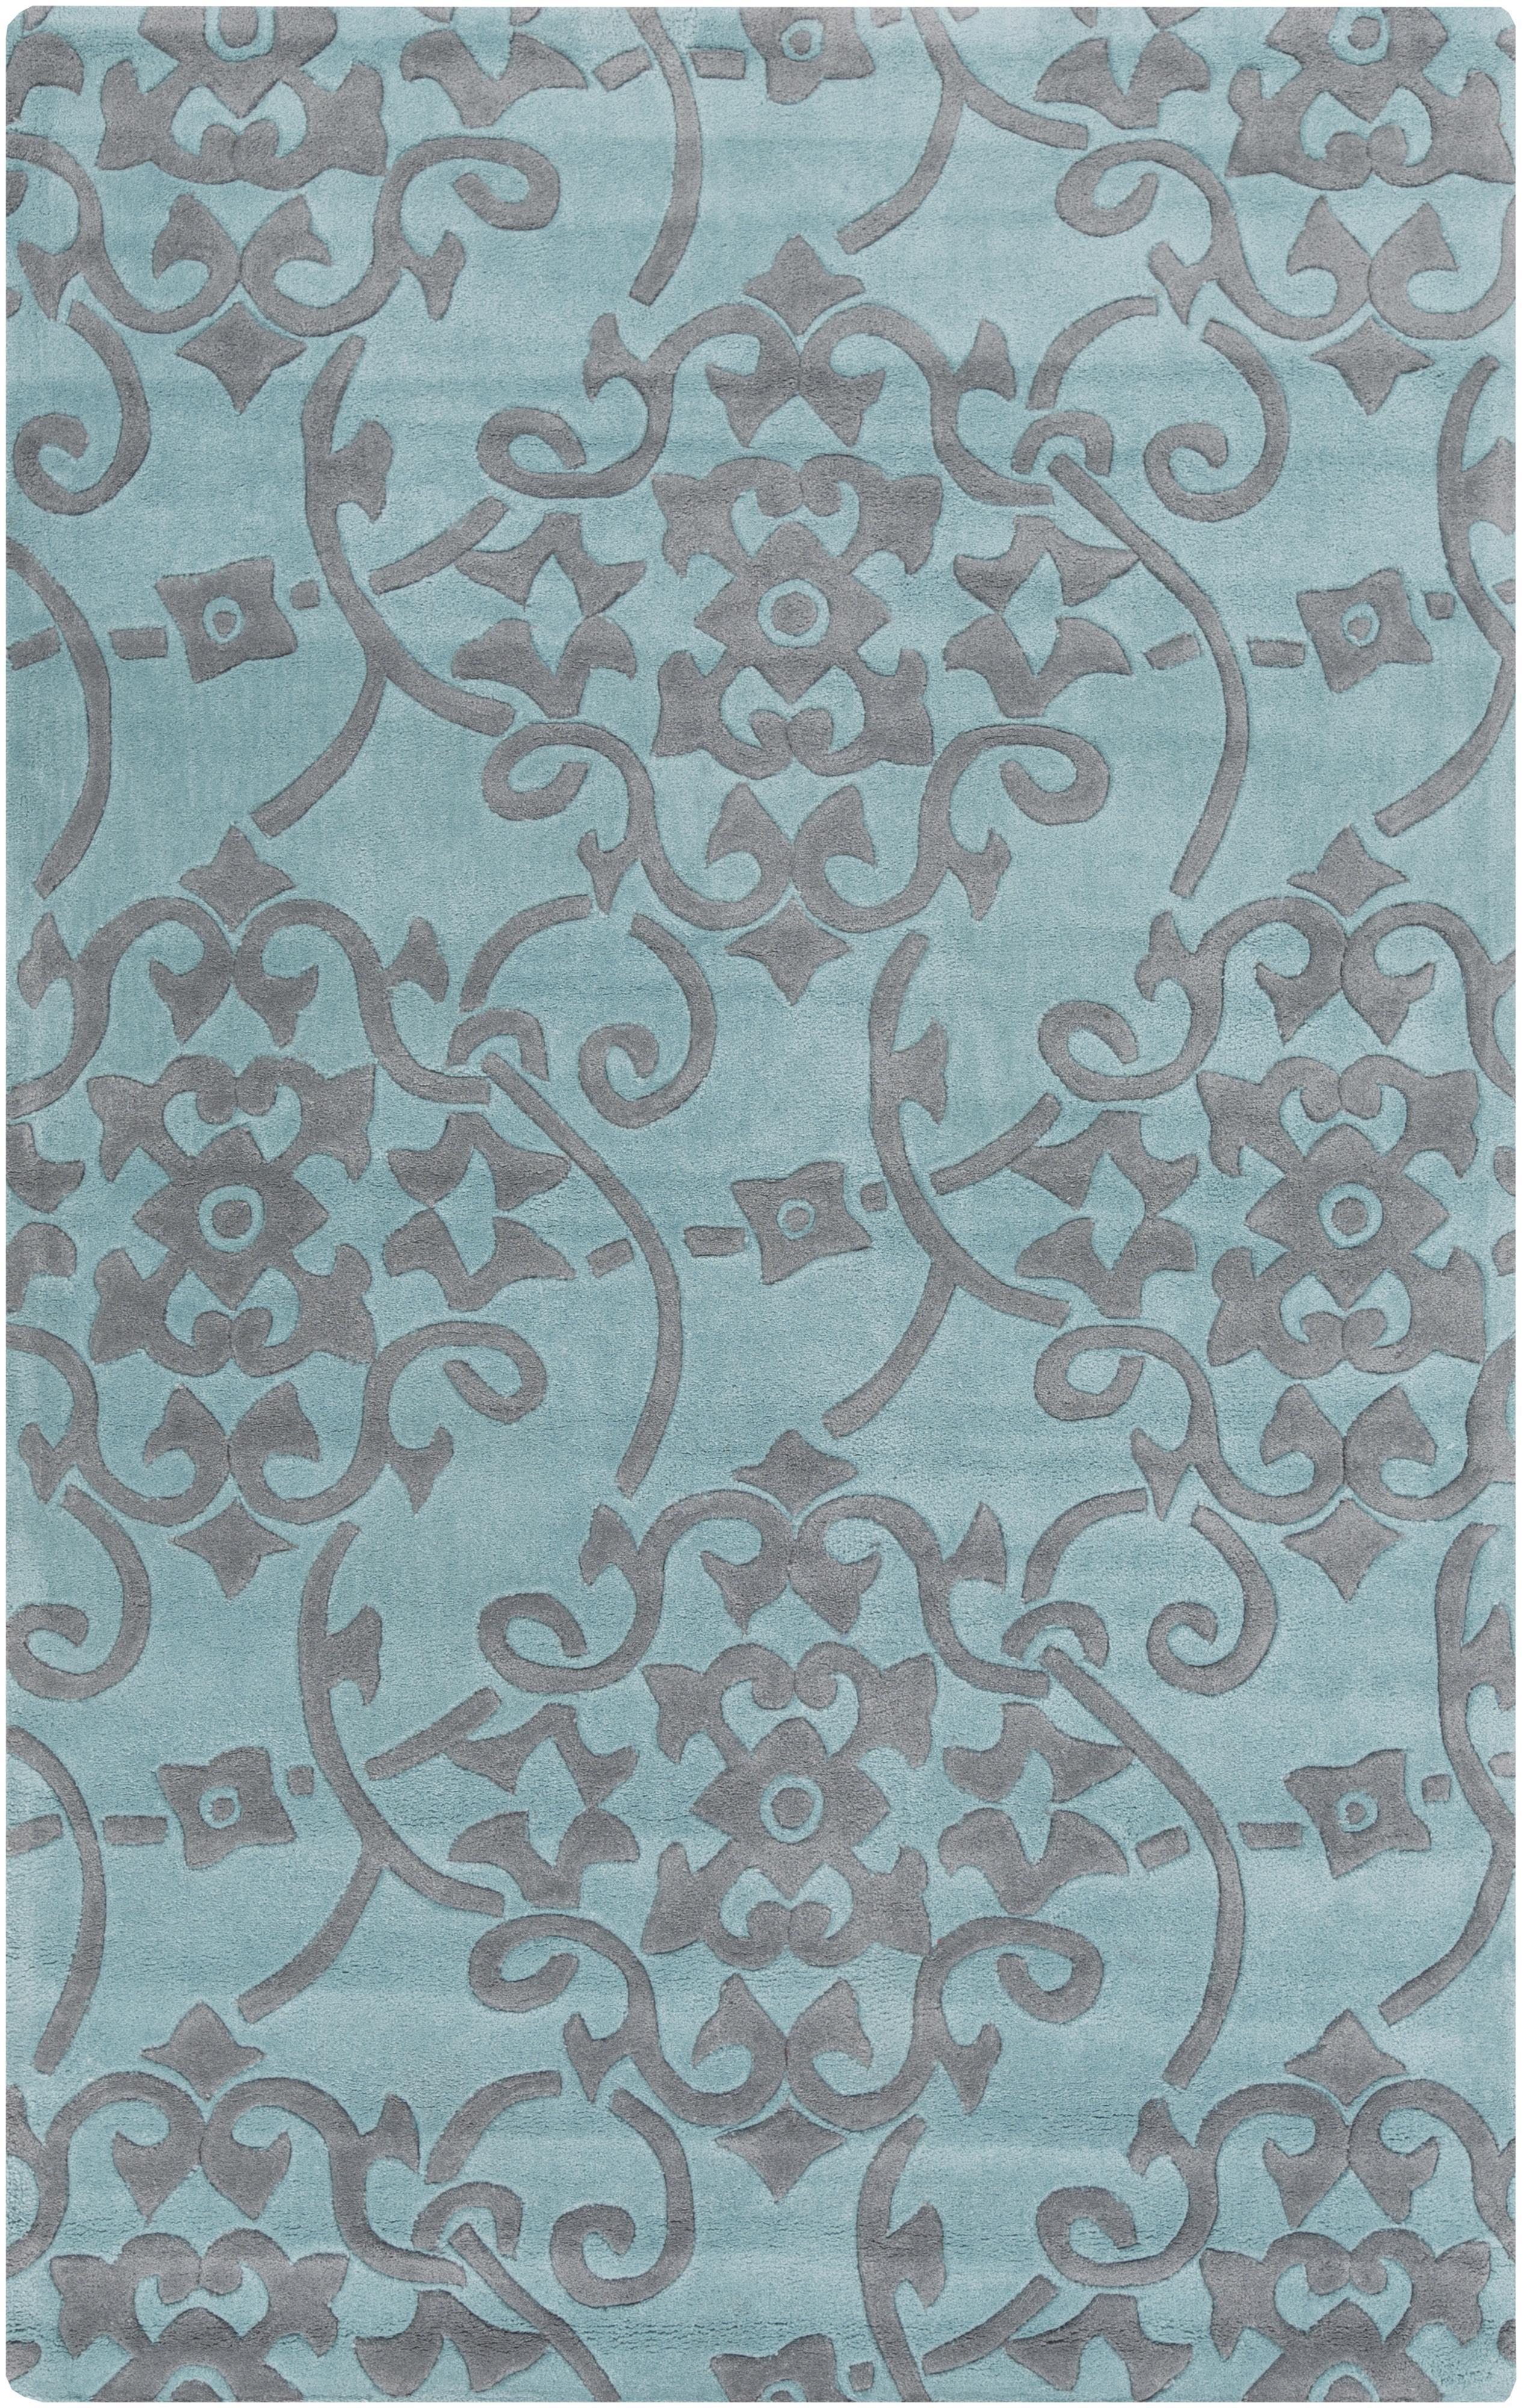 Surya Rugs Cosmopolitan 2' x 3' - Item Number: COS9202-23